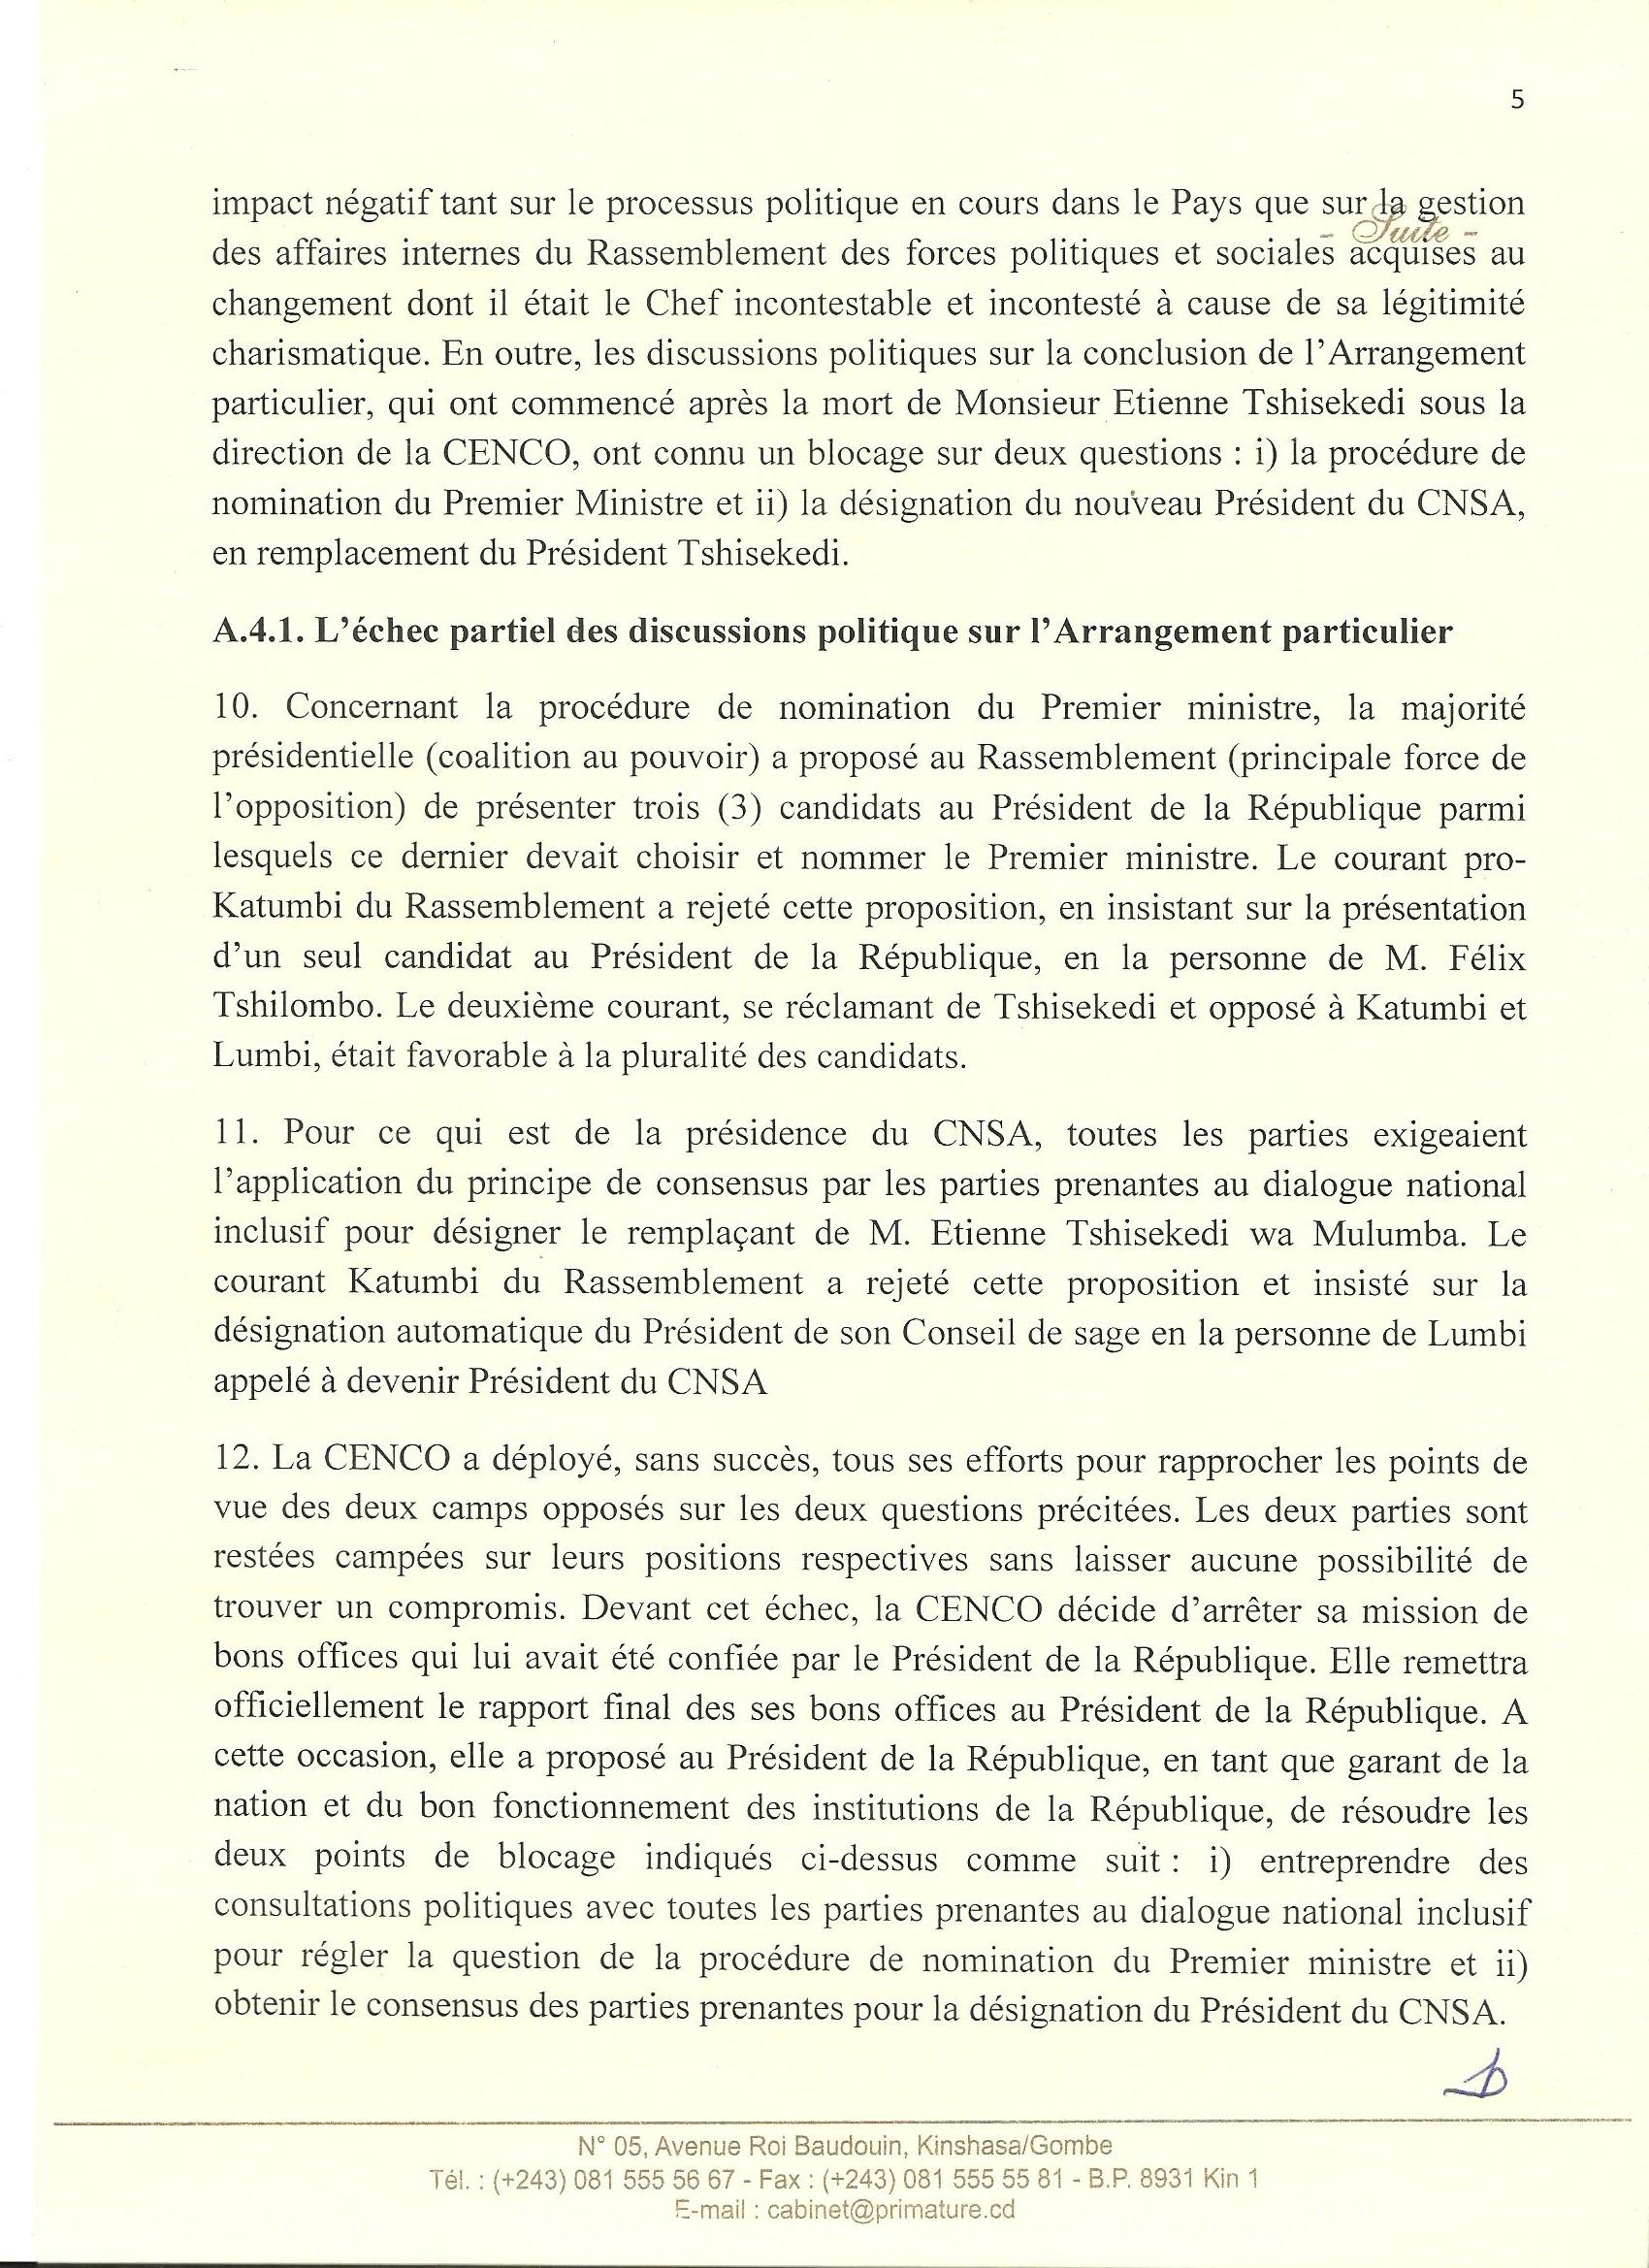 Situation Réelle en RDC – Primature -p5 @Zoom_eco